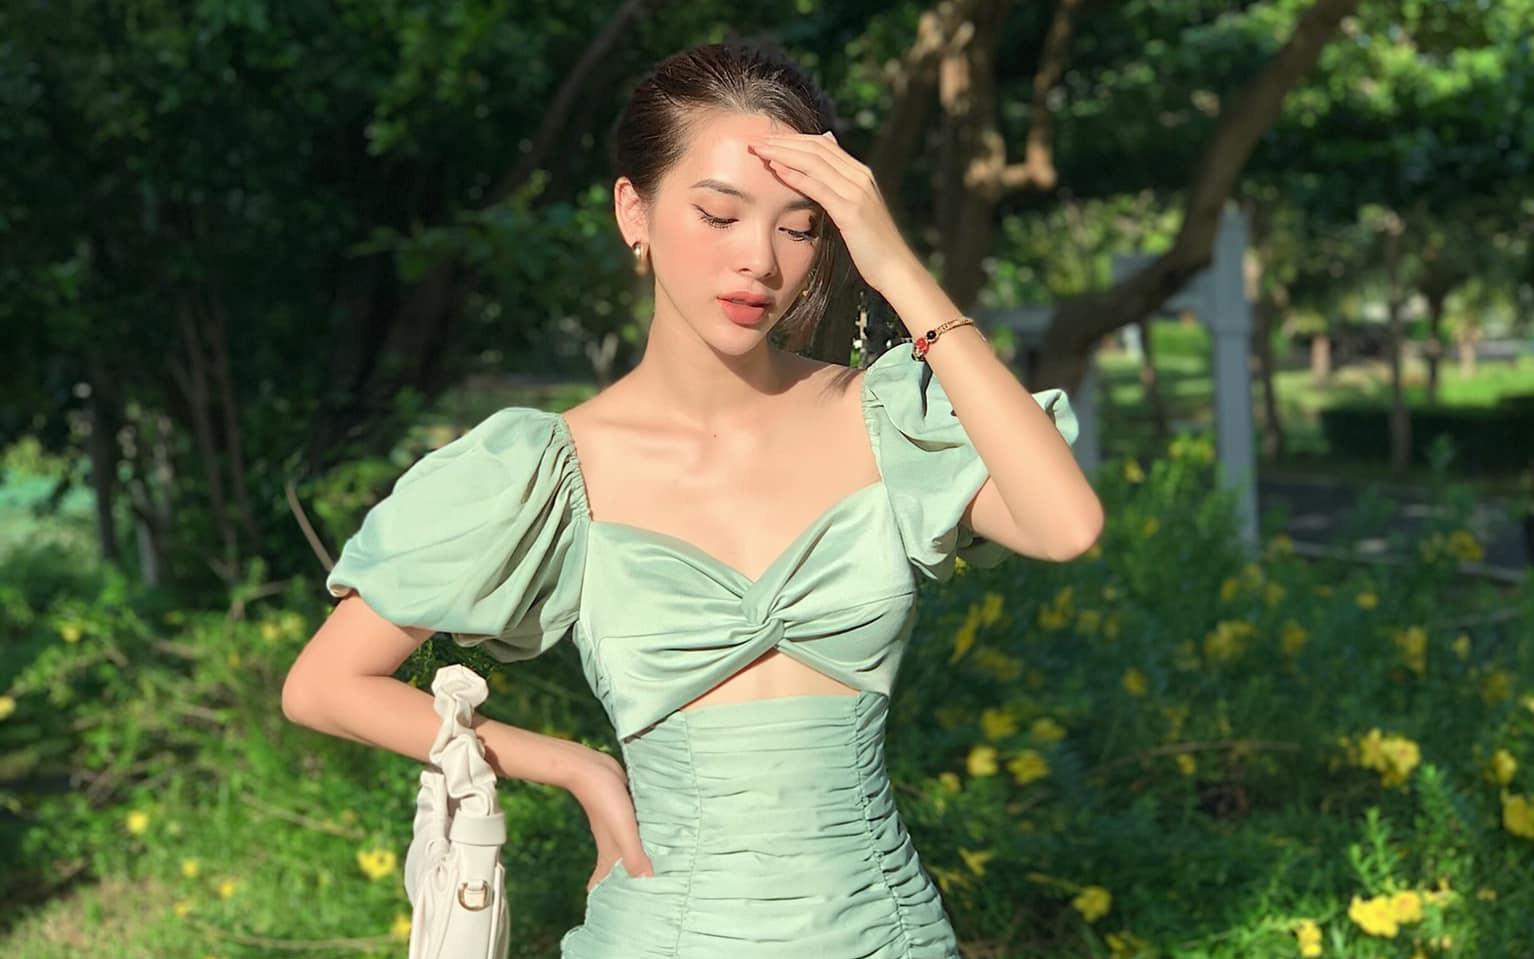 Quỳnh Lương: Đàn ông cưới vợ 1,5 tháng đã đi ngoại tình liên tiếp, 11 tháng không là quá nhanh